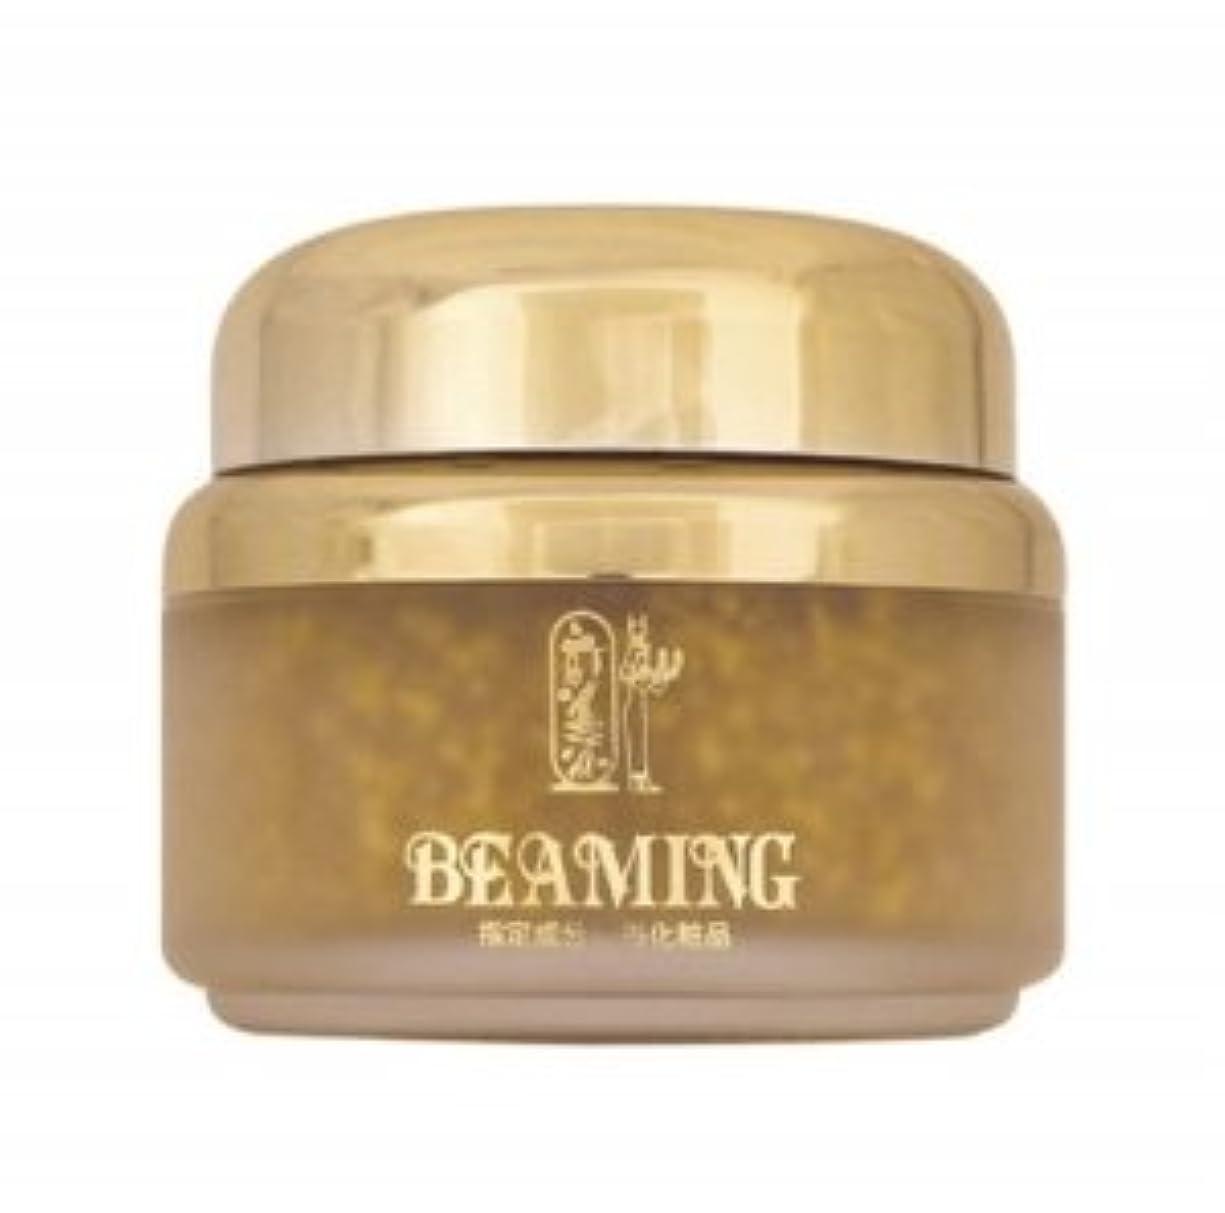 どこにでも観察スペースVIP ビーミングシリーズ 100% 無添加 美容界の奇跡 超高級 純金箔 錆びない肌 究極の スキンケアセット クレオパトラ の 基礎化粧品 日本製 (ビーミングゴールドフェースブロック)